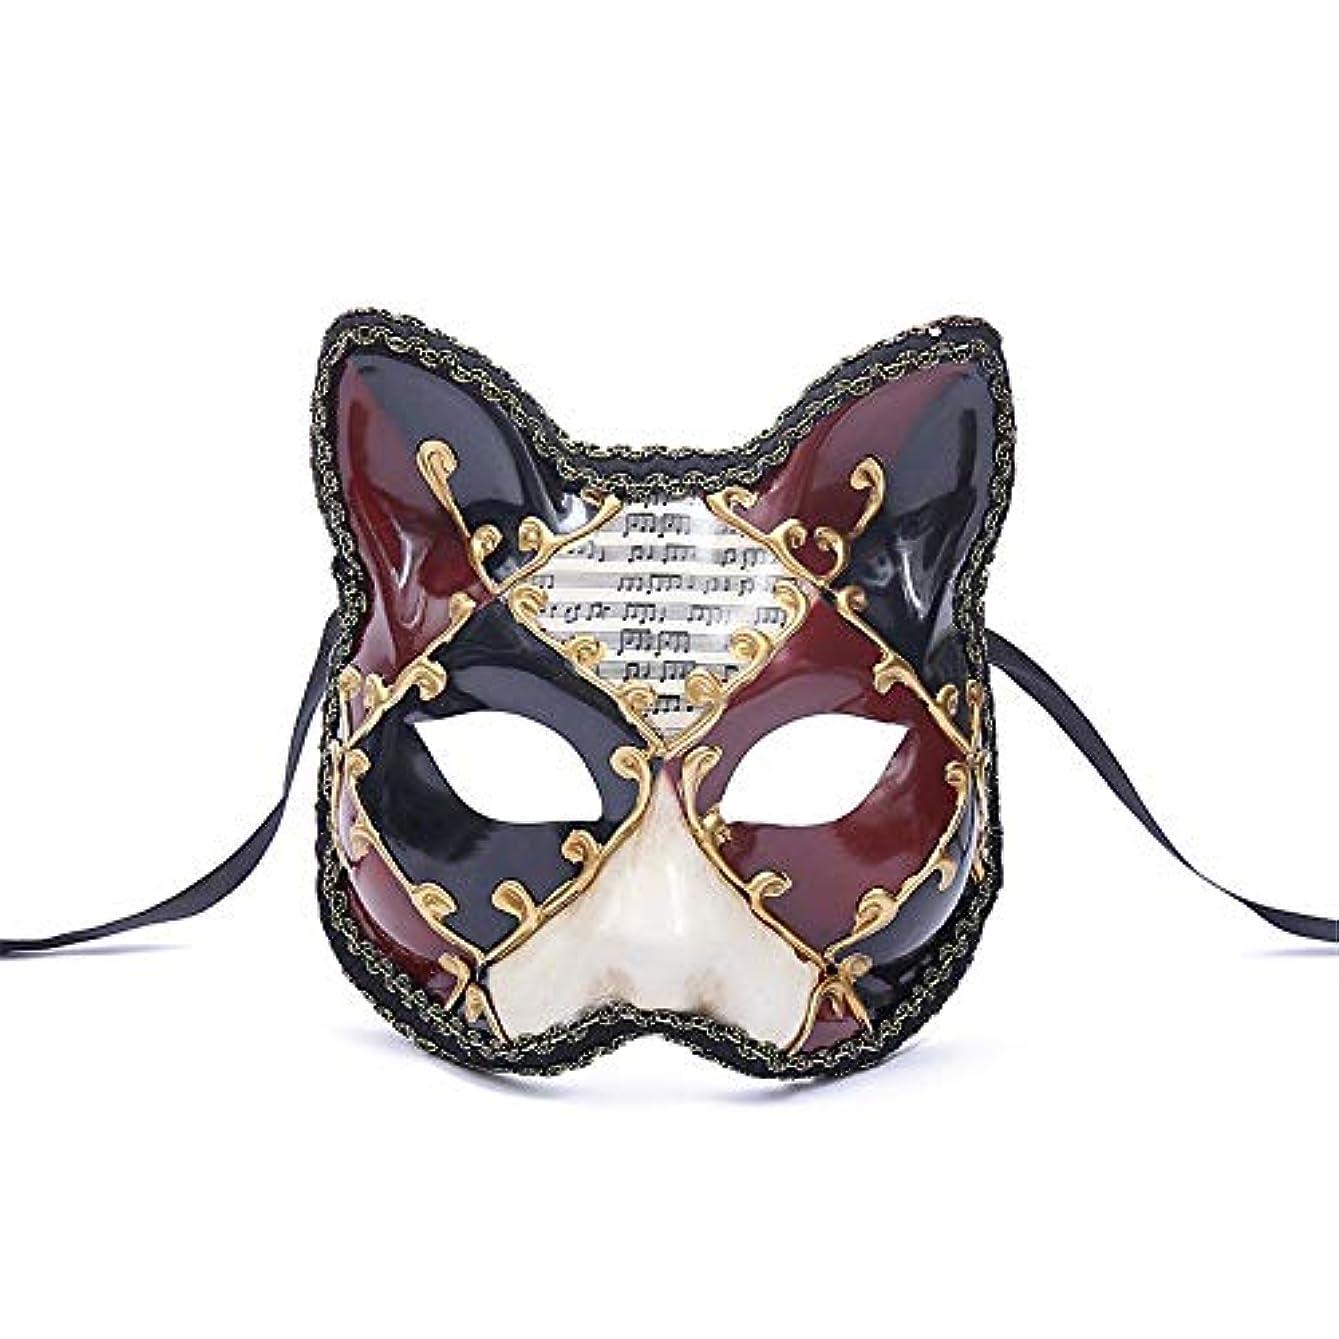 いらいらさせる小数解読するダンスマスク 大きな猫アンティーク動物レトロコスプレハロウィーン仮装マスクナイトクラブマスク雰囲気フェスティバルマスク ホリデーパーティー用品 (色 : 赤, サイズ : 17.5x16cm)